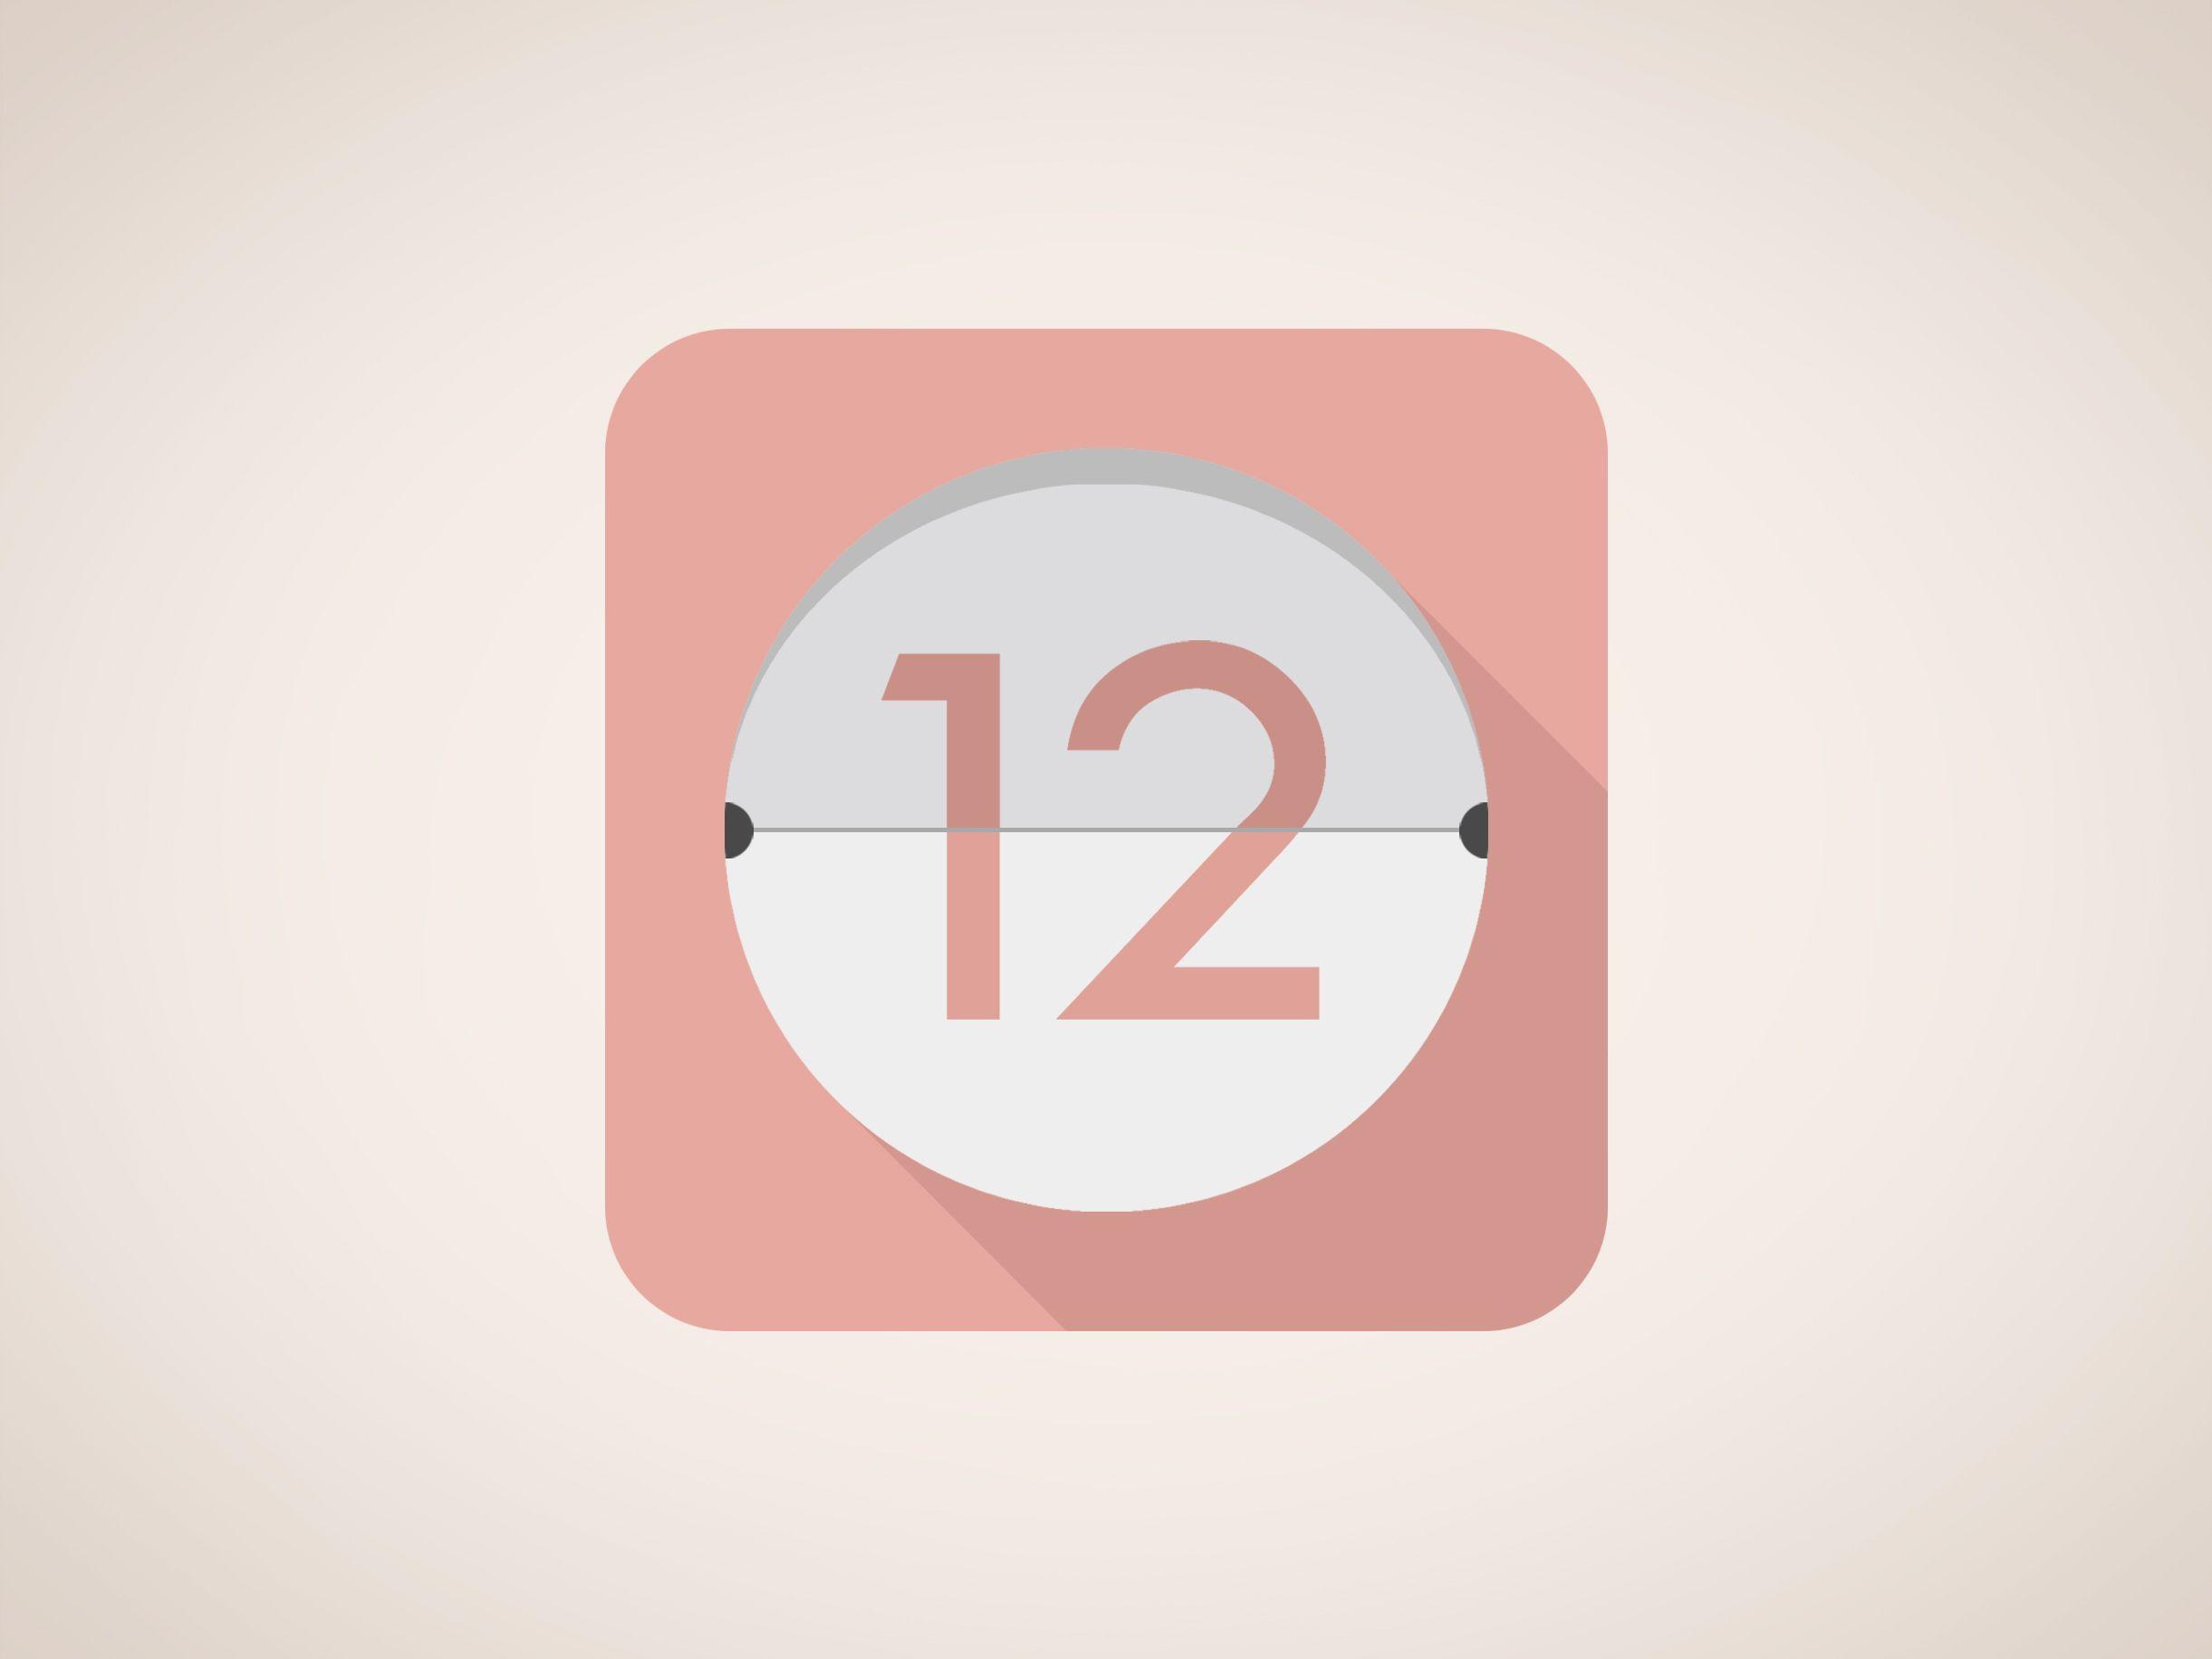 Https I Pinimg Com Originals 33 1e 97 331e97640634b705946f073e735dbe05 Jpg Calendar Logo Calendar Icon App Logo